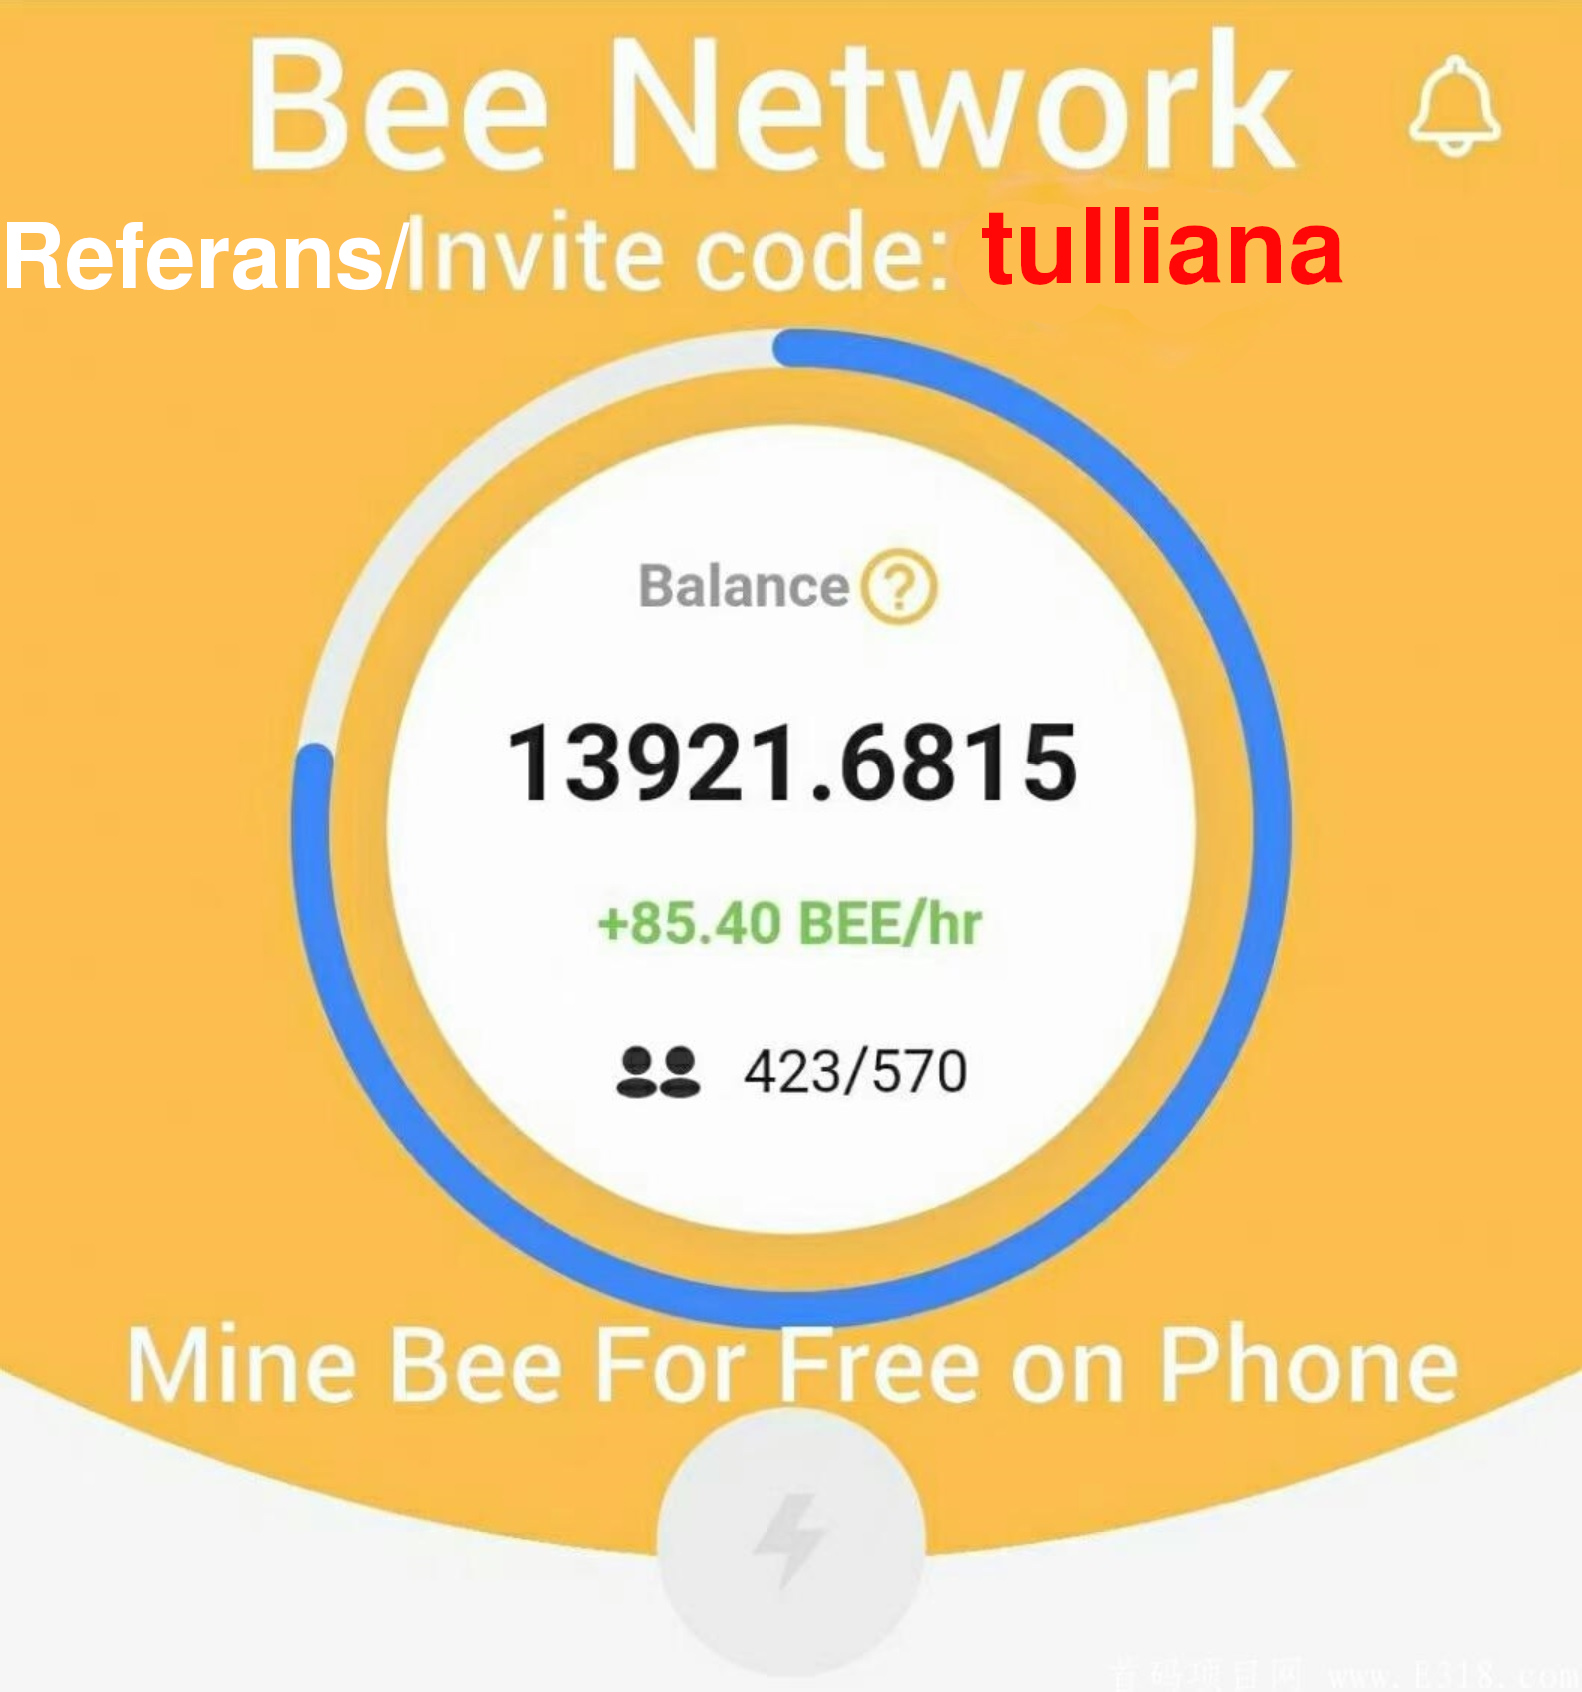 bee network invite referans